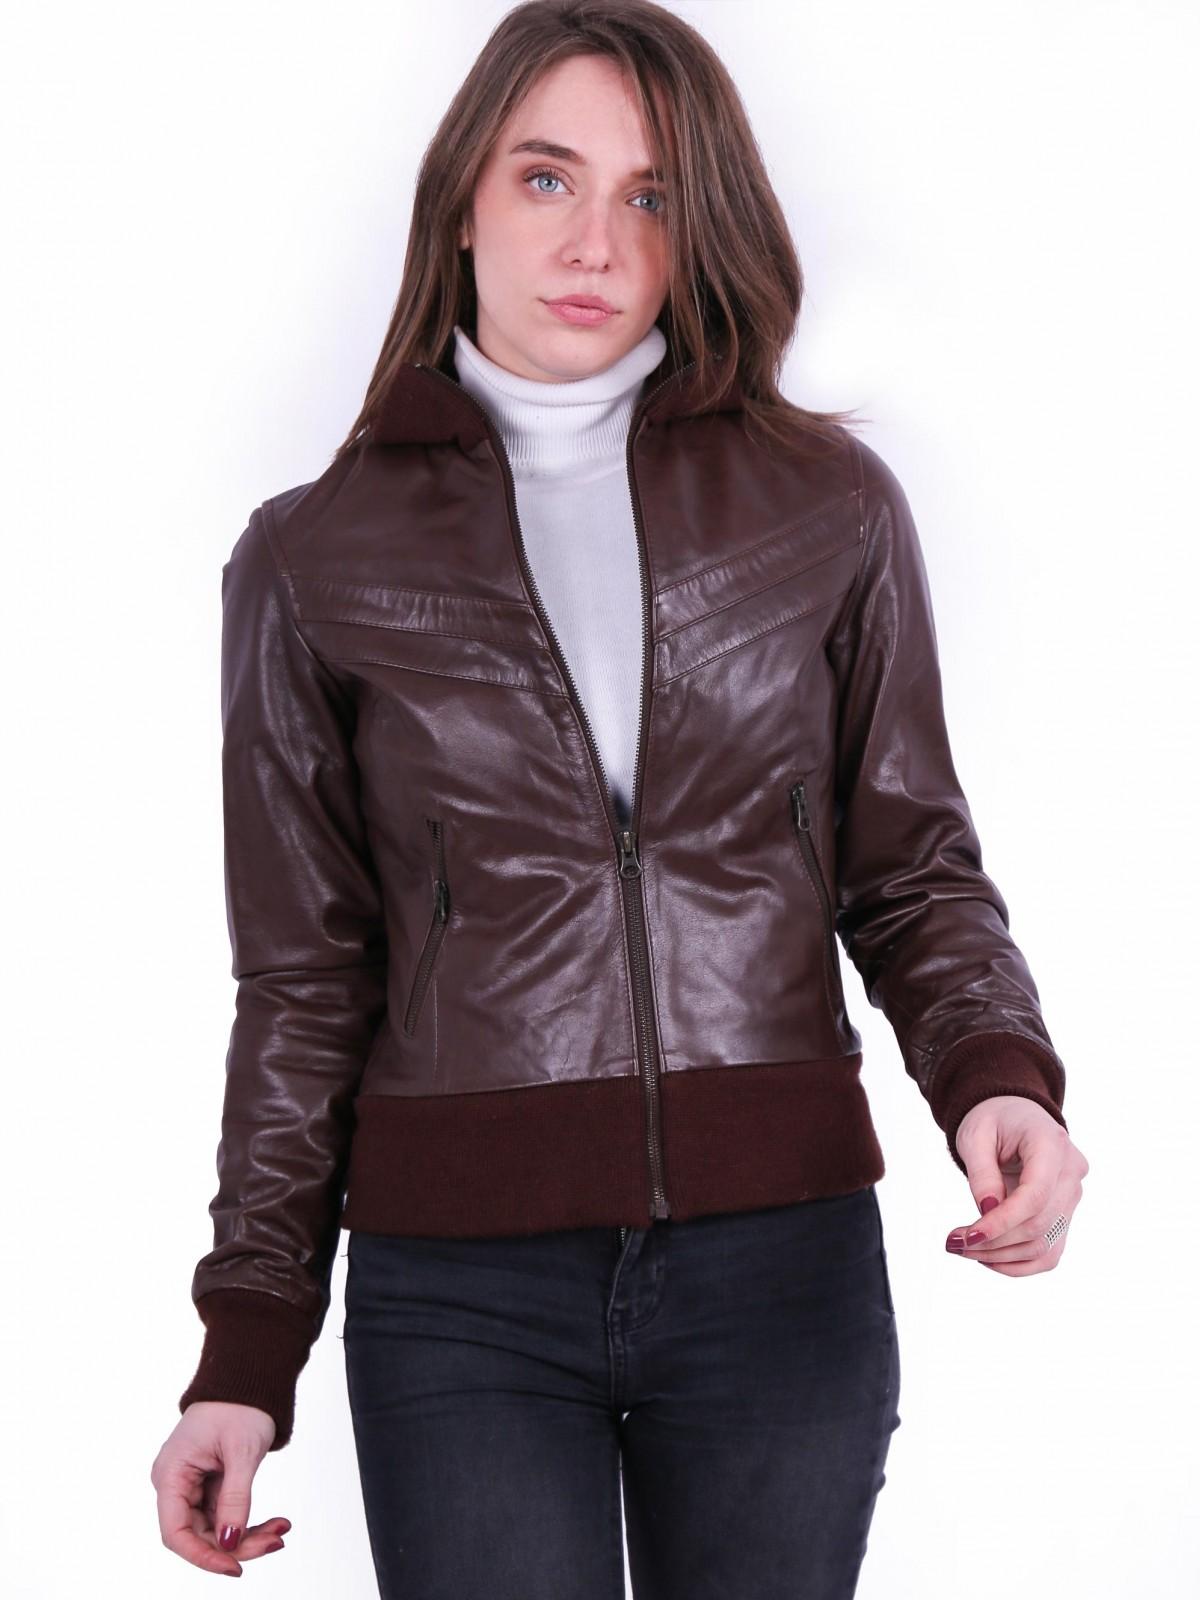 Villy Brown. Genuine ladies leather bomber jacket.